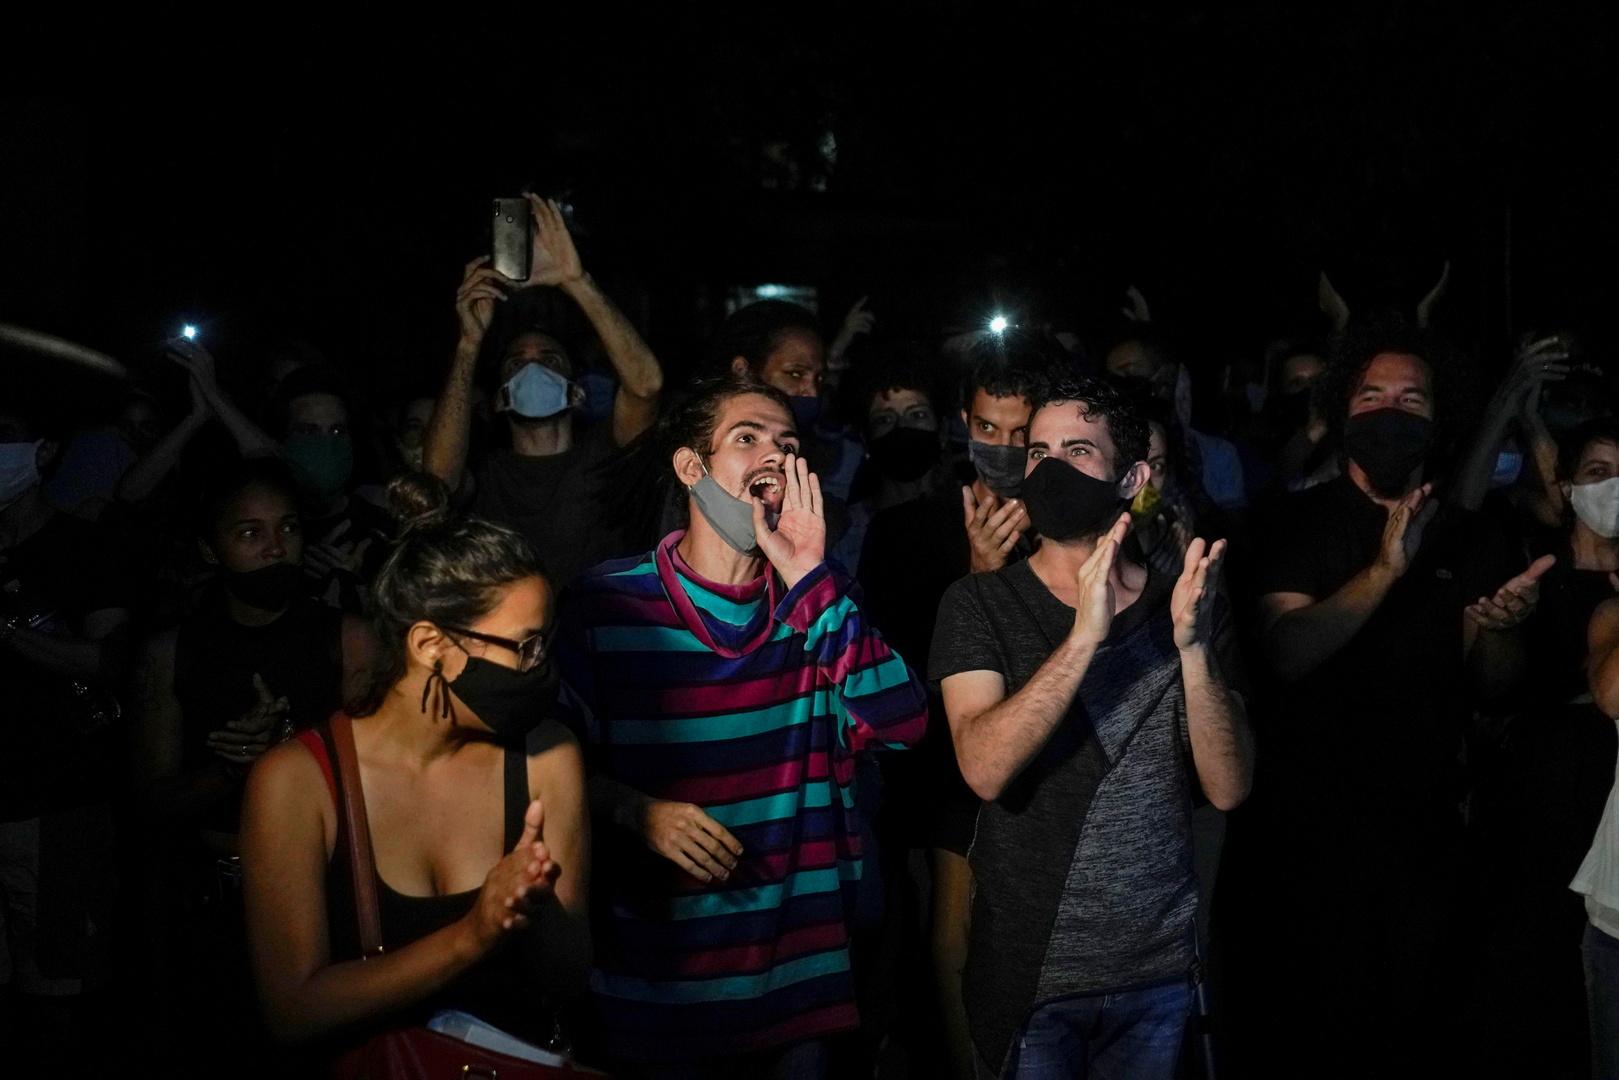 احتجاج الناس تضامنا مع الفنانين المنشقين في هافانا، أرشيف